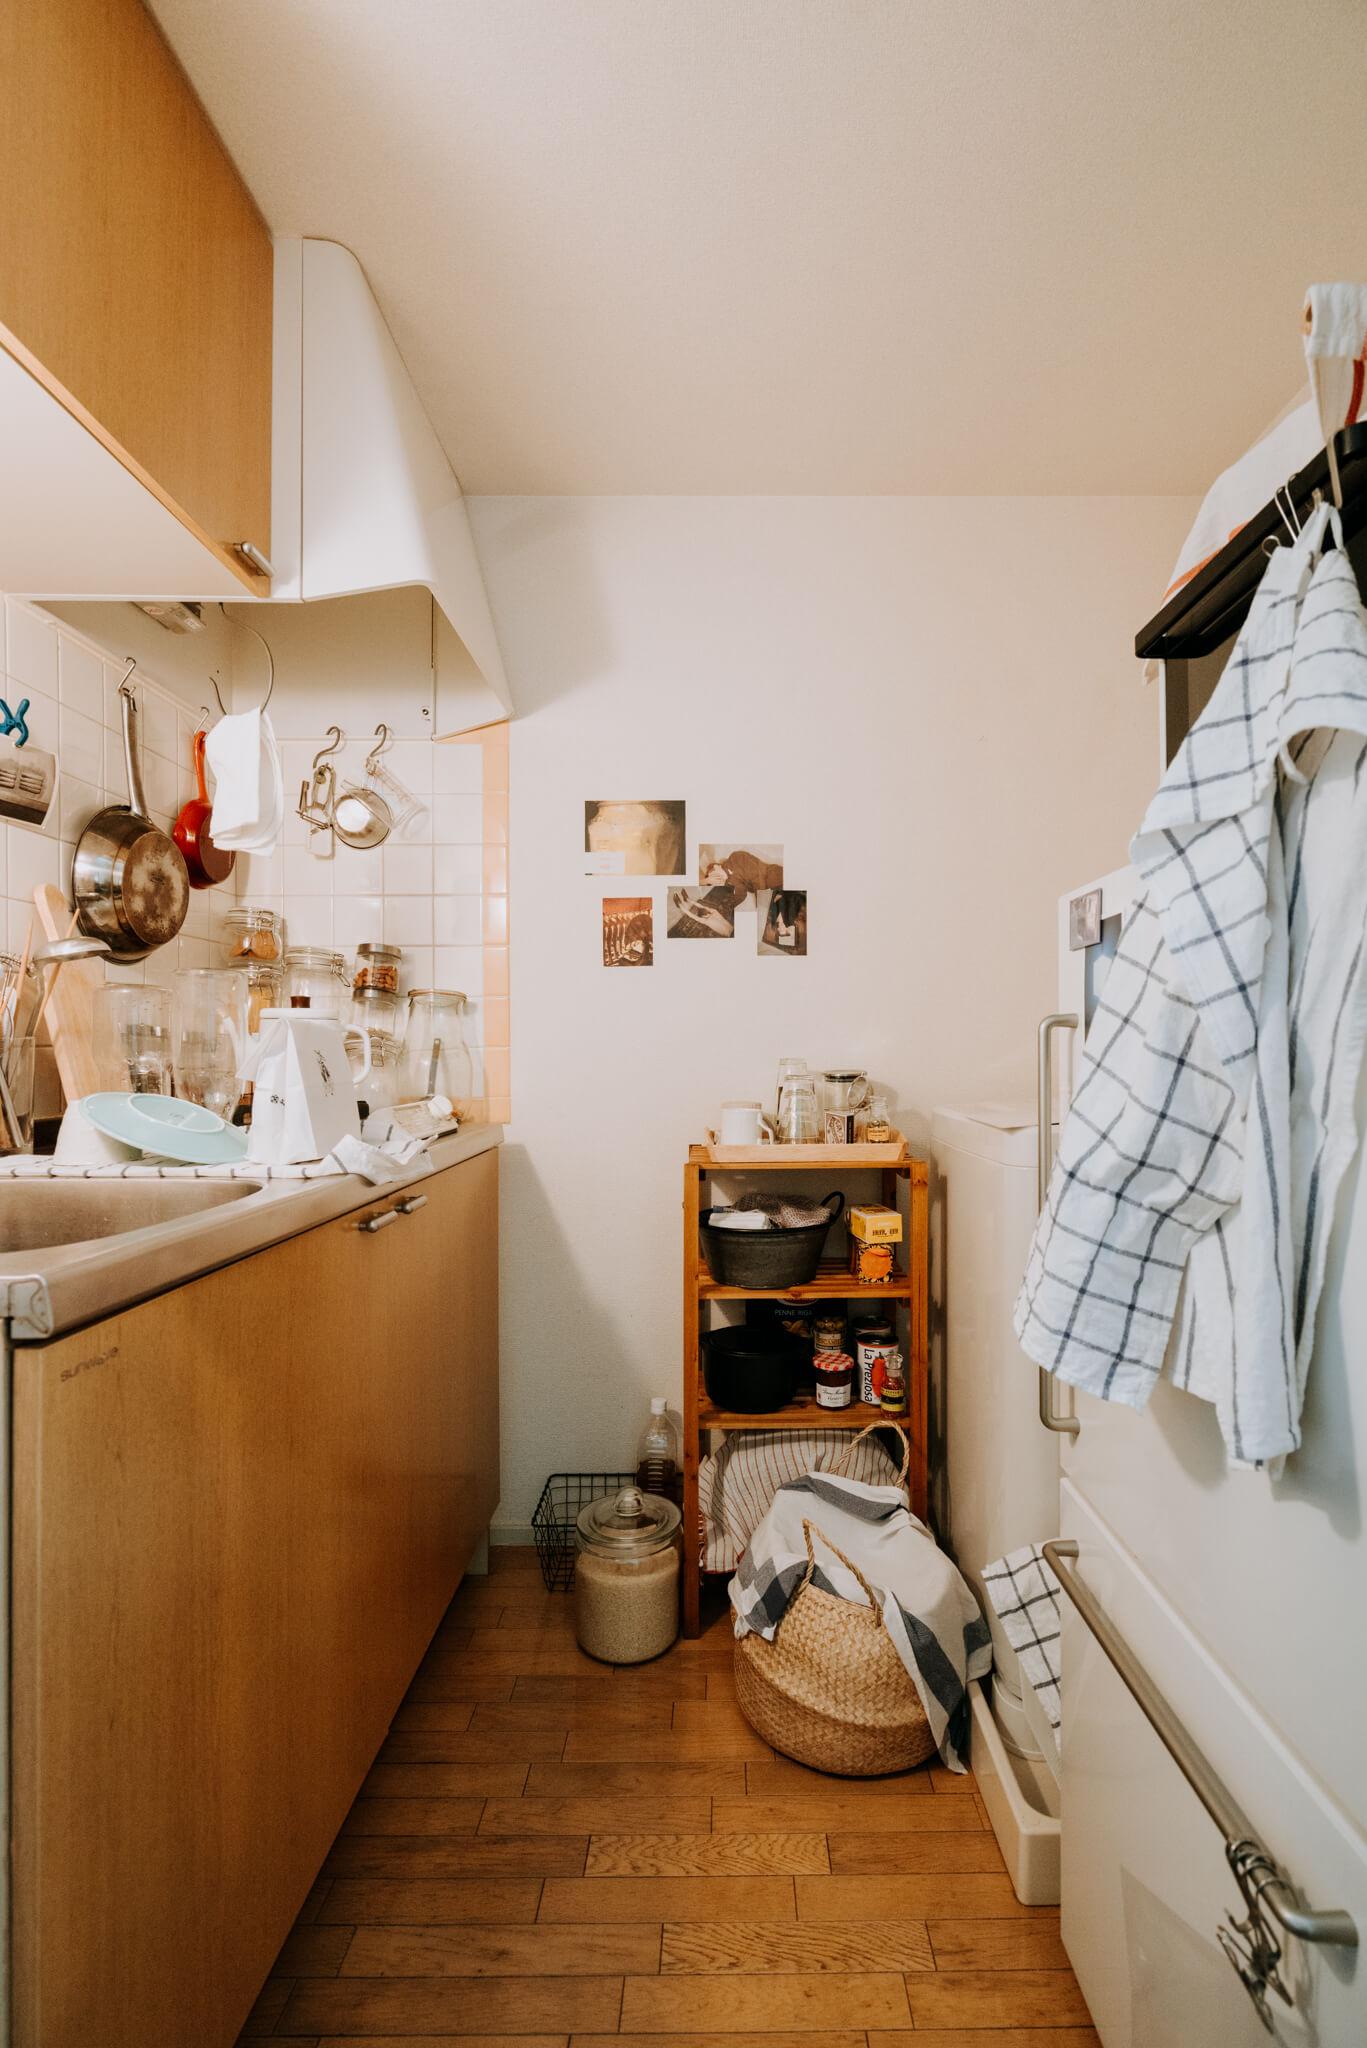 """食材や調味料、保存食、洗剤などの日用品の買い置き、などなど……。キッチン周りはどうしても荷物が増えがち。そんなときも大きめのカゴが一つあれば、おしゃれに解決です。布をかければ綺麗に見せることができますね。<a href=""""""""https://www.goodrooms.jp/journal/?p=26433"""""""" class=""""wc-shortcodes-button wc-shortcodes-button-""""secondary"""" wc-shortcodes-button-position-""""center"""""""" target=""""_""""_blank"""""""" title=""""Visit Site"""" ><span class=""""wc-shortcodes-button-inner"""">このお部屋をもっと見る</span></a>"""